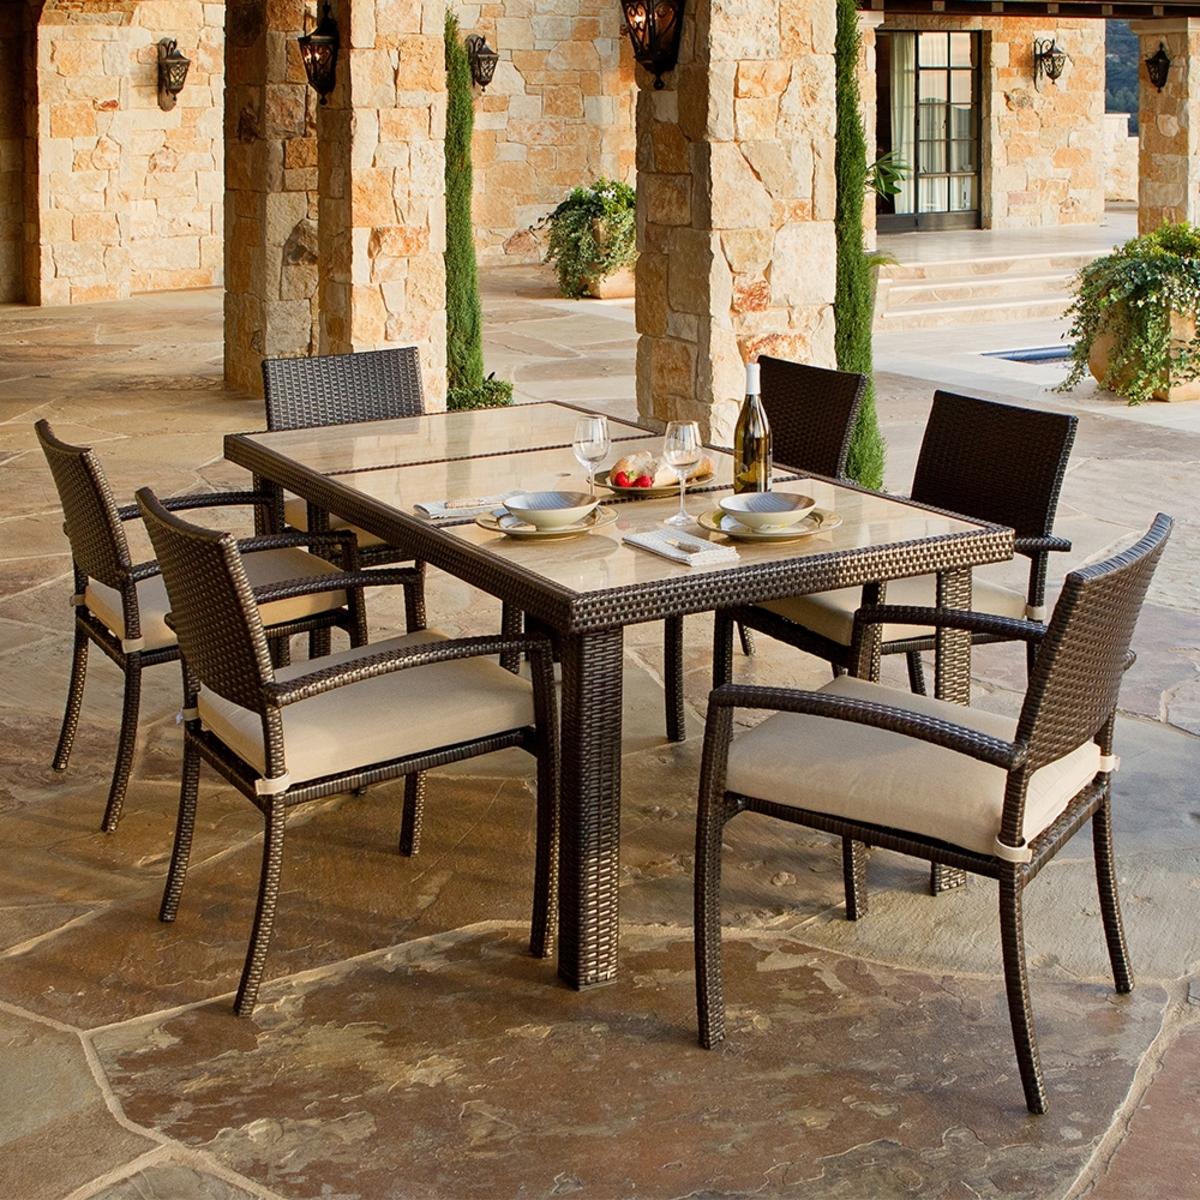 戶外餐桌椅七件組